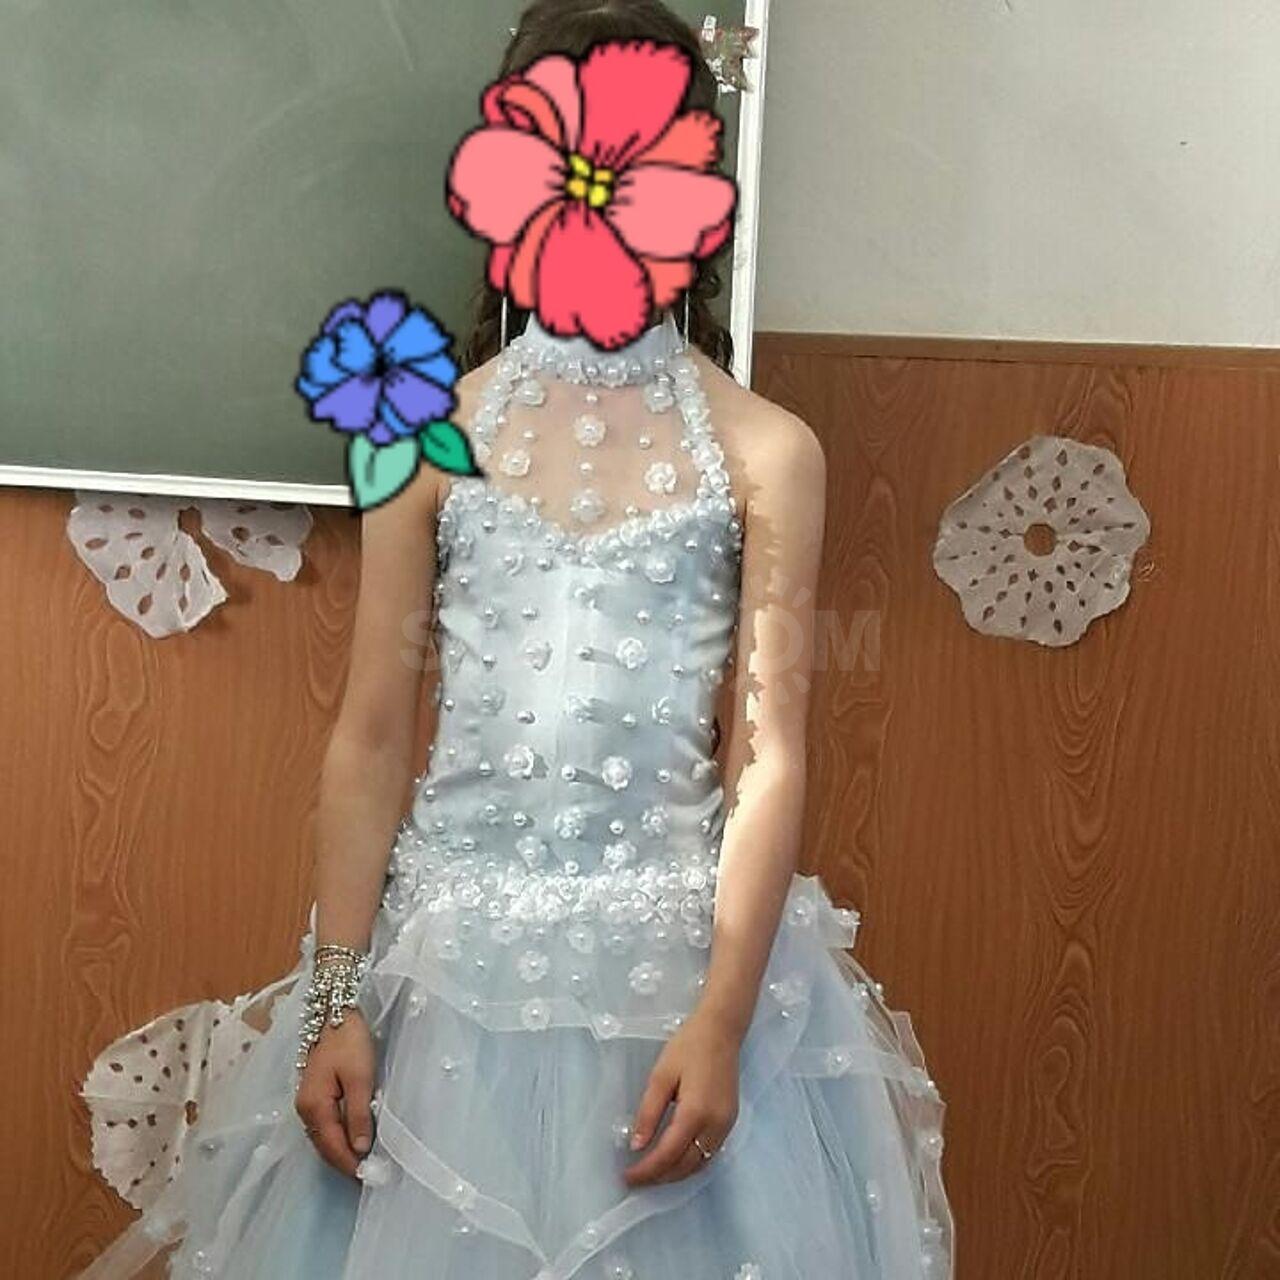 6e5483344917b6e Продам платье на девочку 10-11 лет. Одевалось пару раз на утренник.  Подъюбник в подарок.